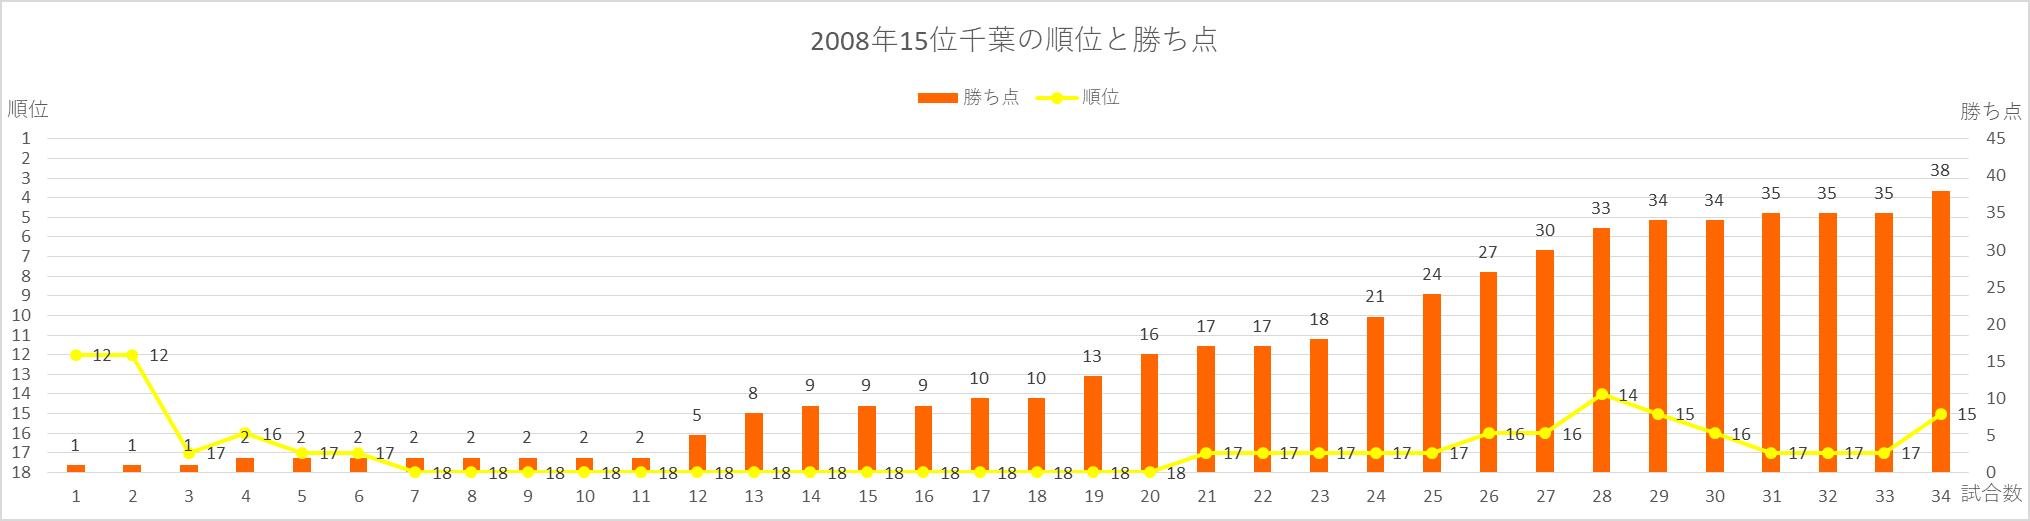 2008年千葉の順位と勝ち点の推移